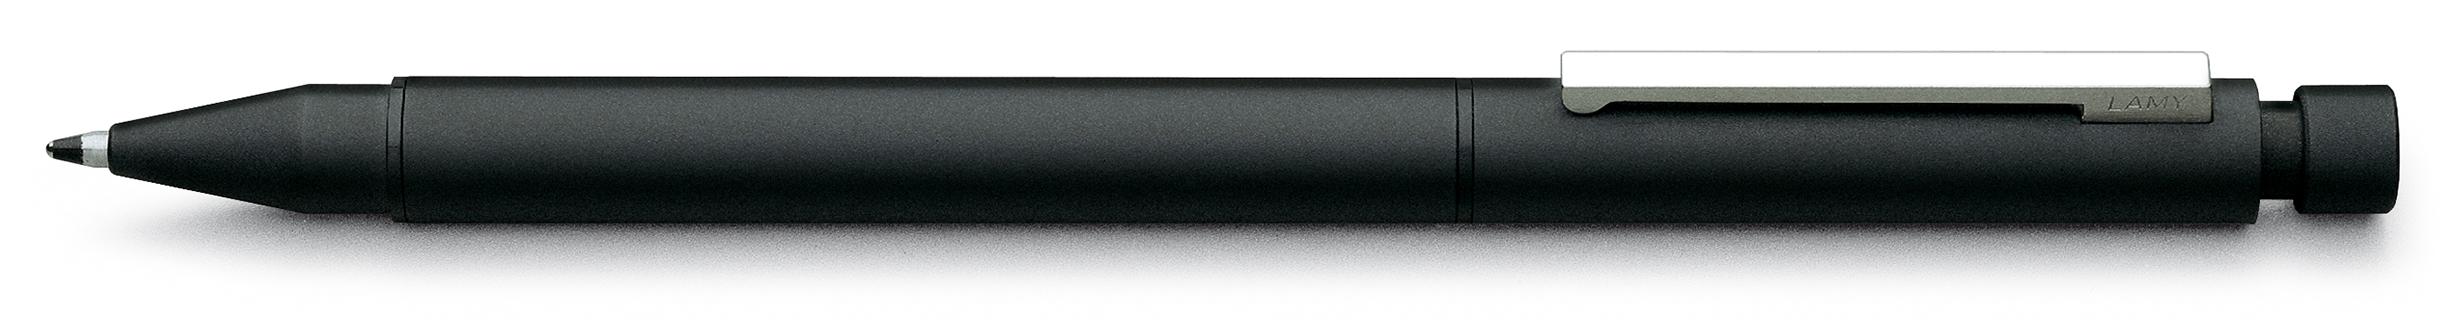 Lamy Twin-pen Black